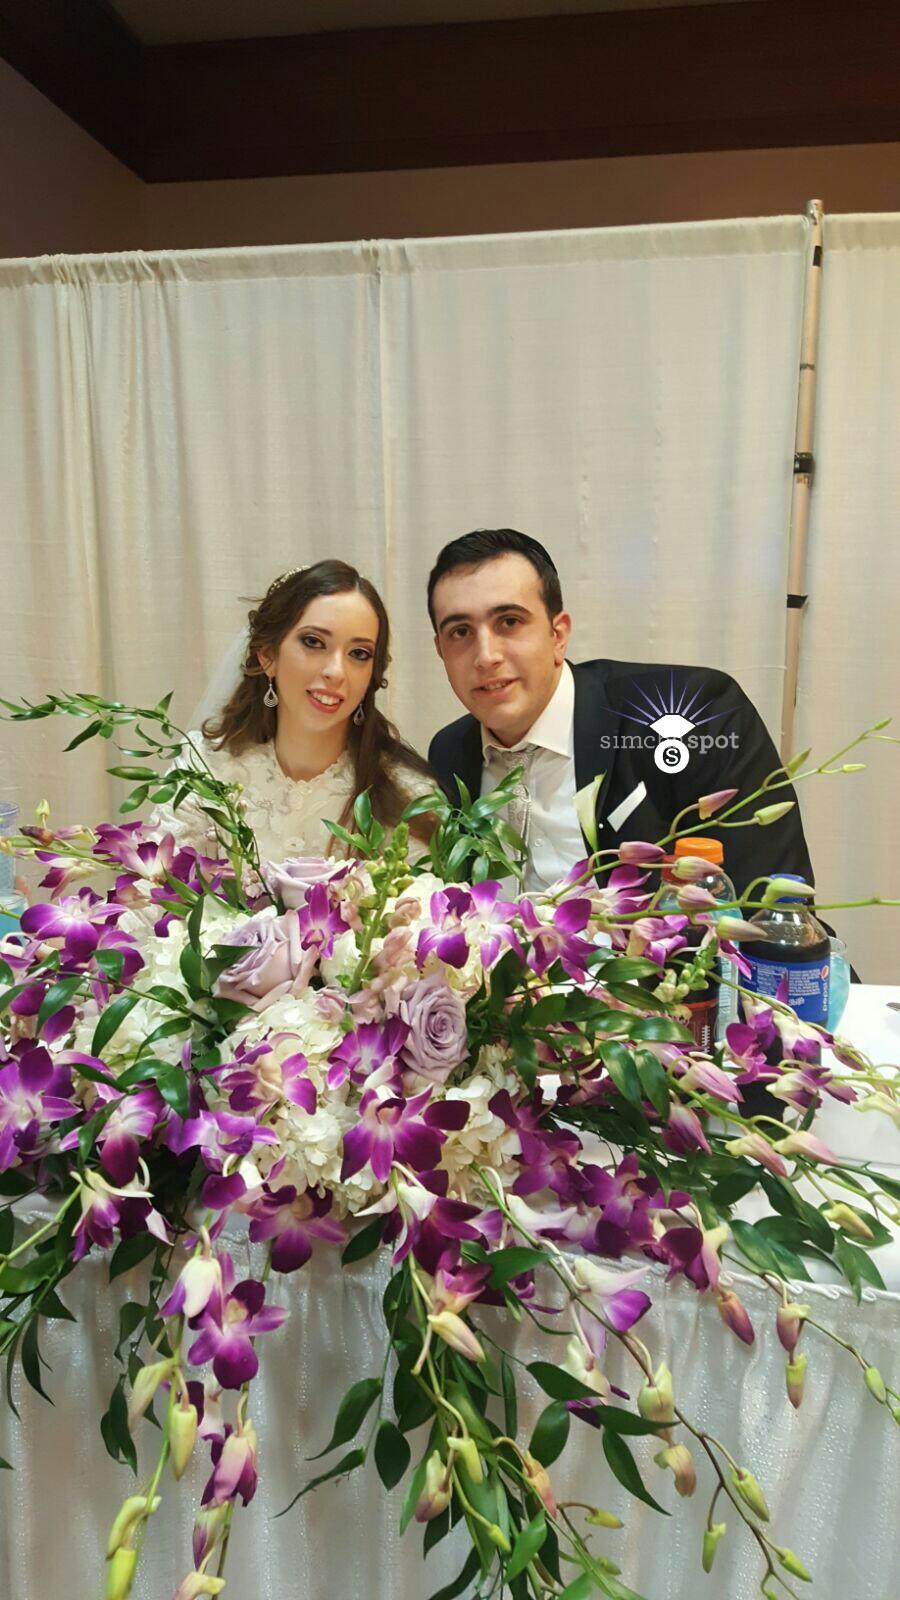 Alyssa jaffe wedding